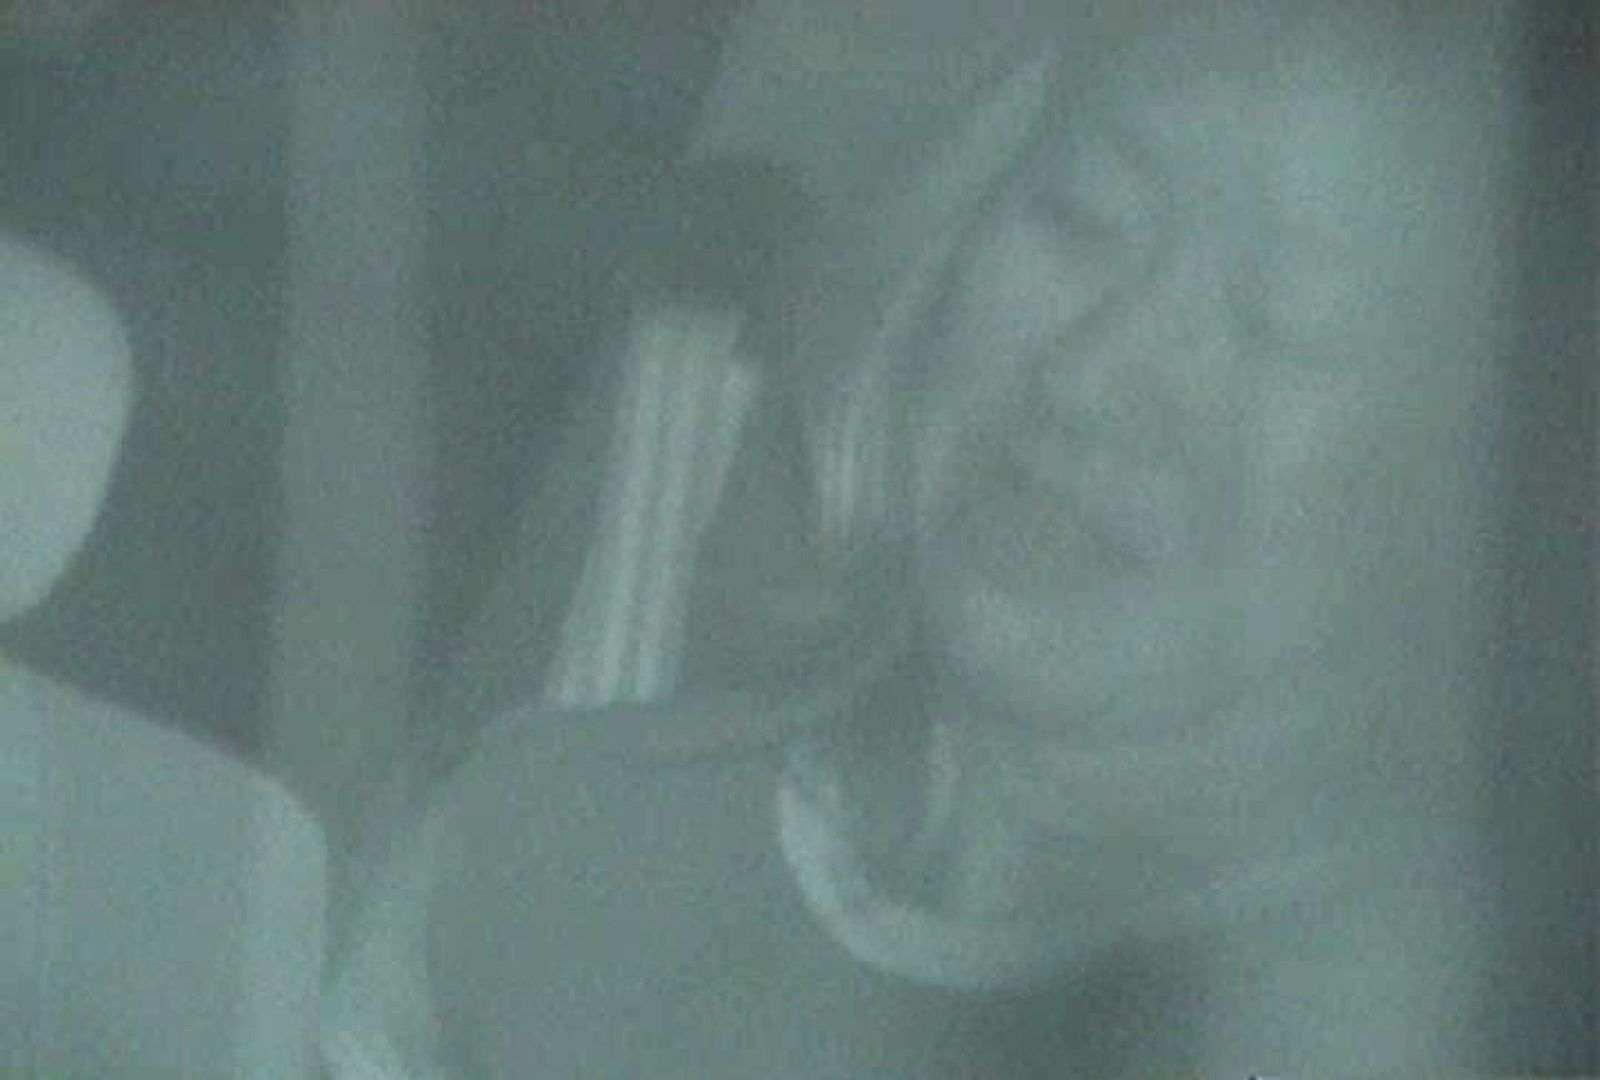 「充血監督」さんの深夜の運動会!! vol.046 カップル エロ画像 79画像 69